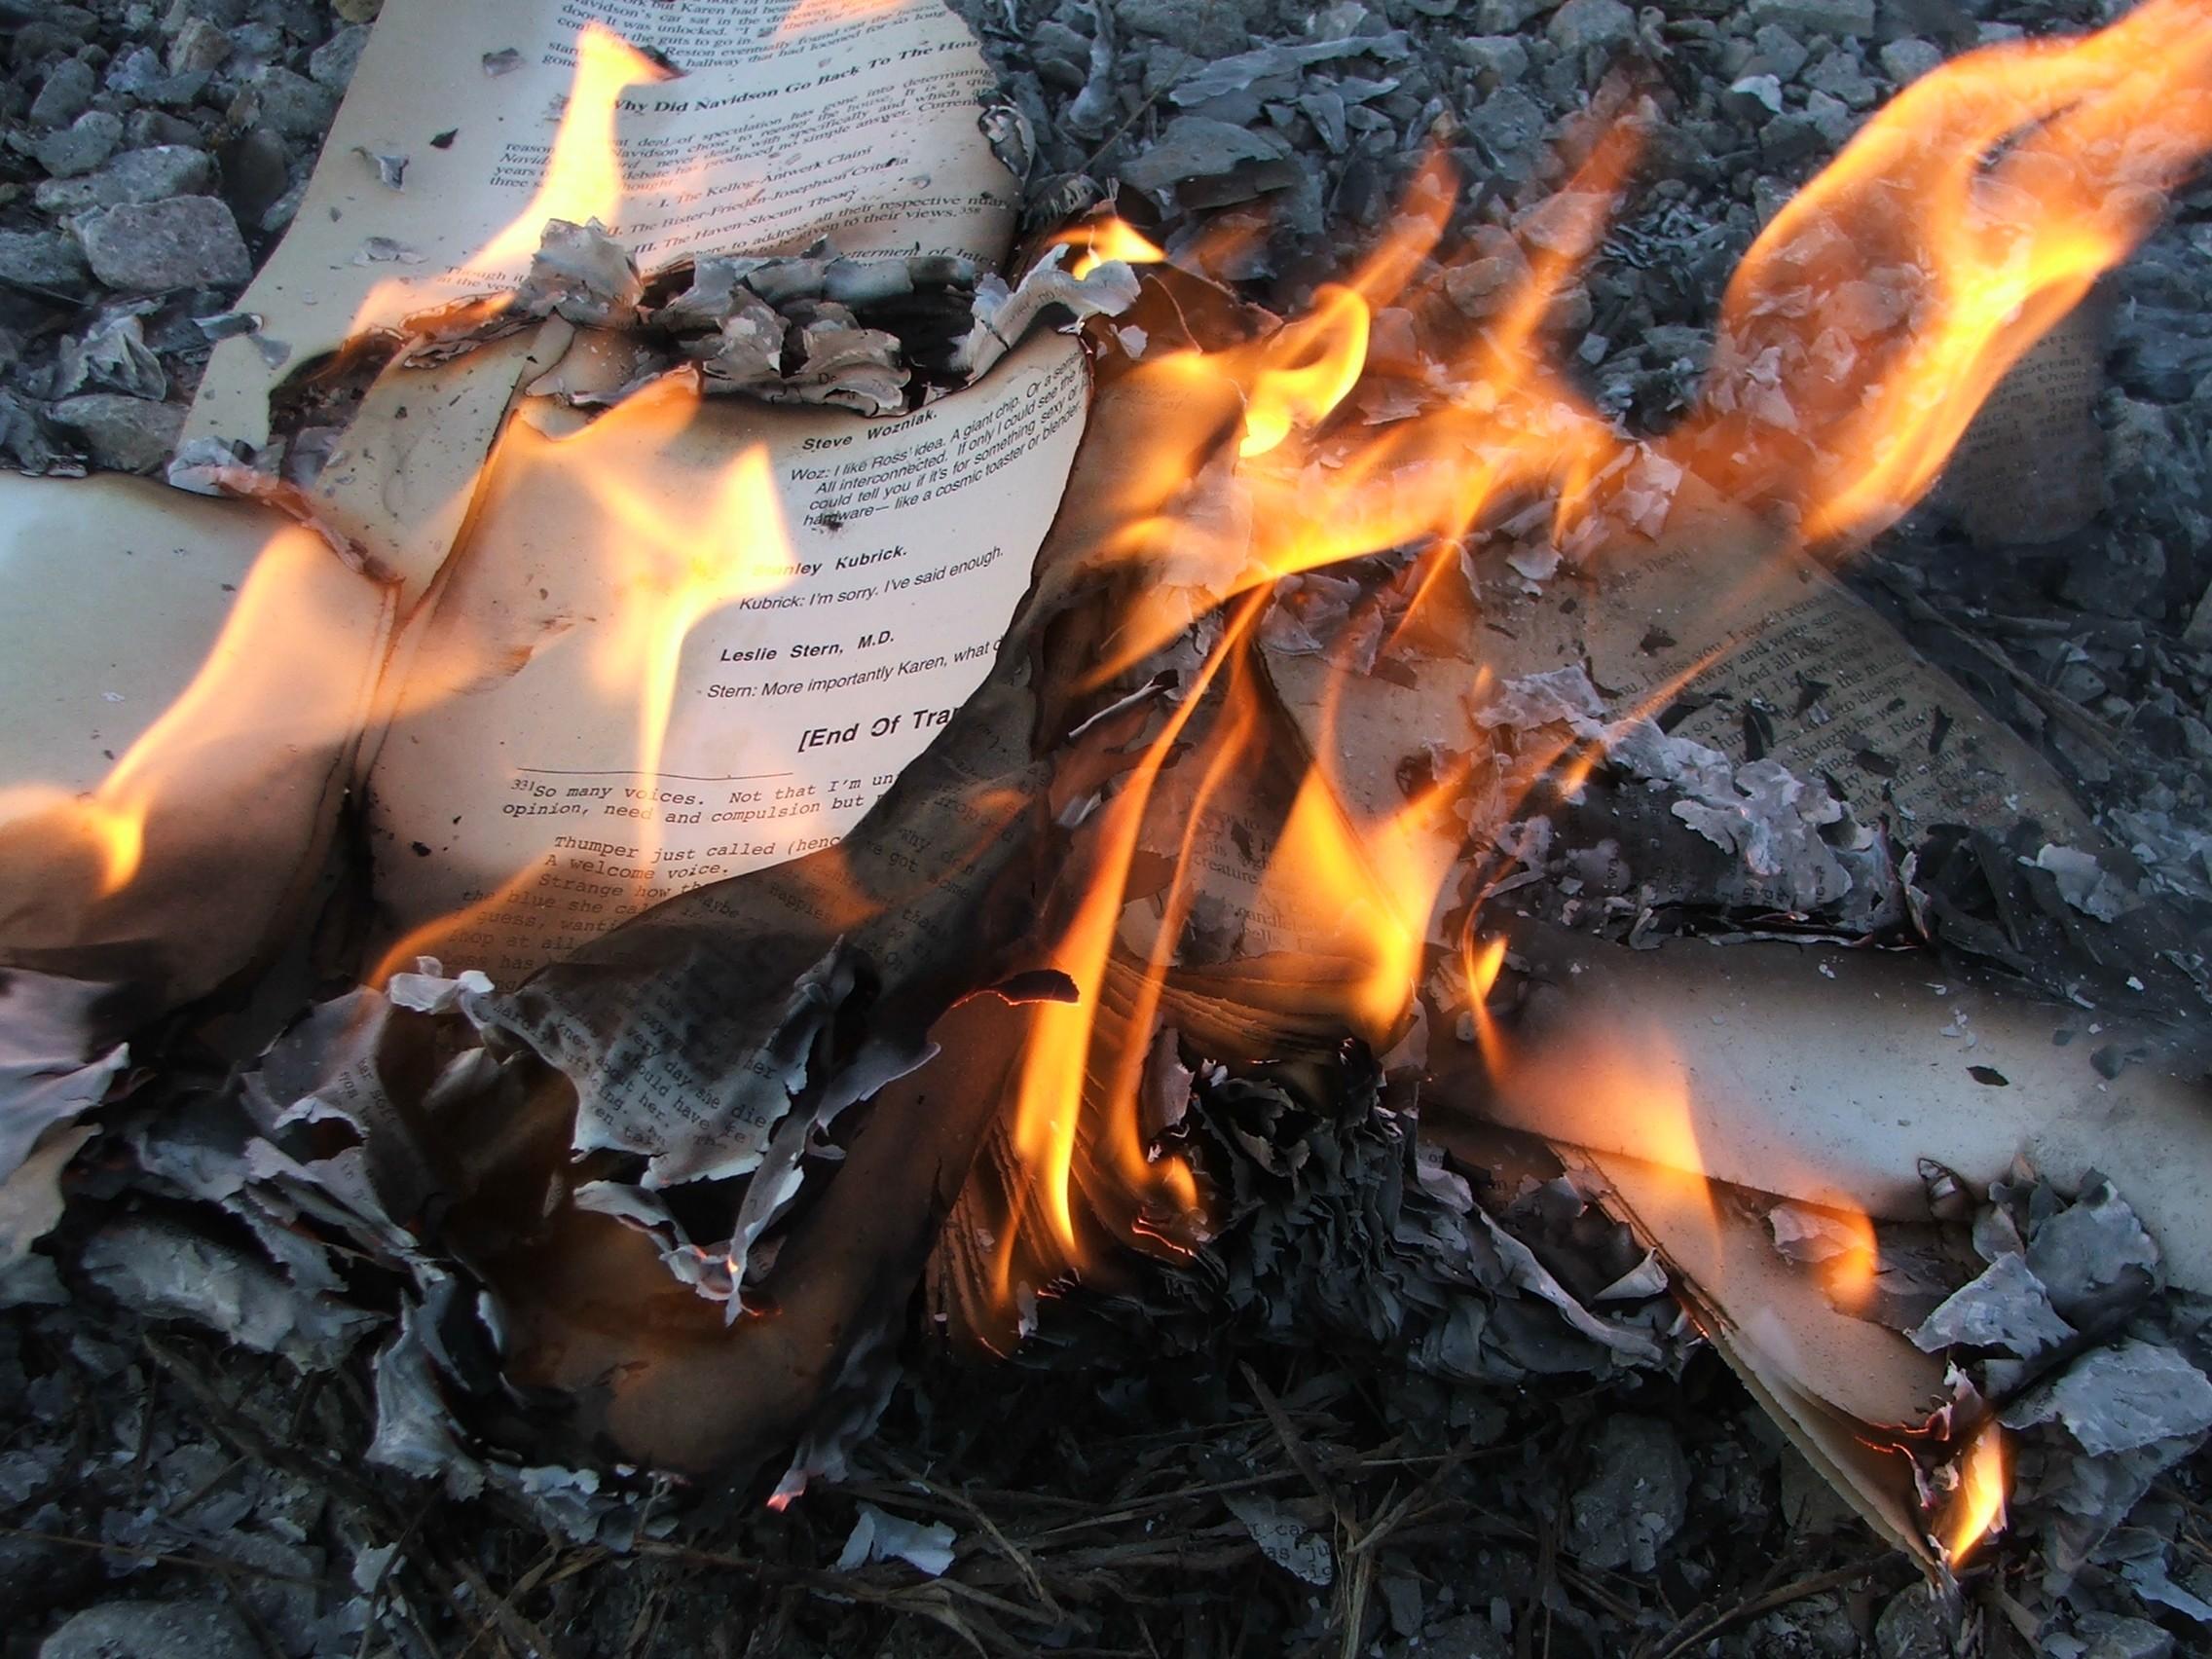 Estado Islâmico queima milhares de livros e manuscritos raros em ... 4abea5453f0e